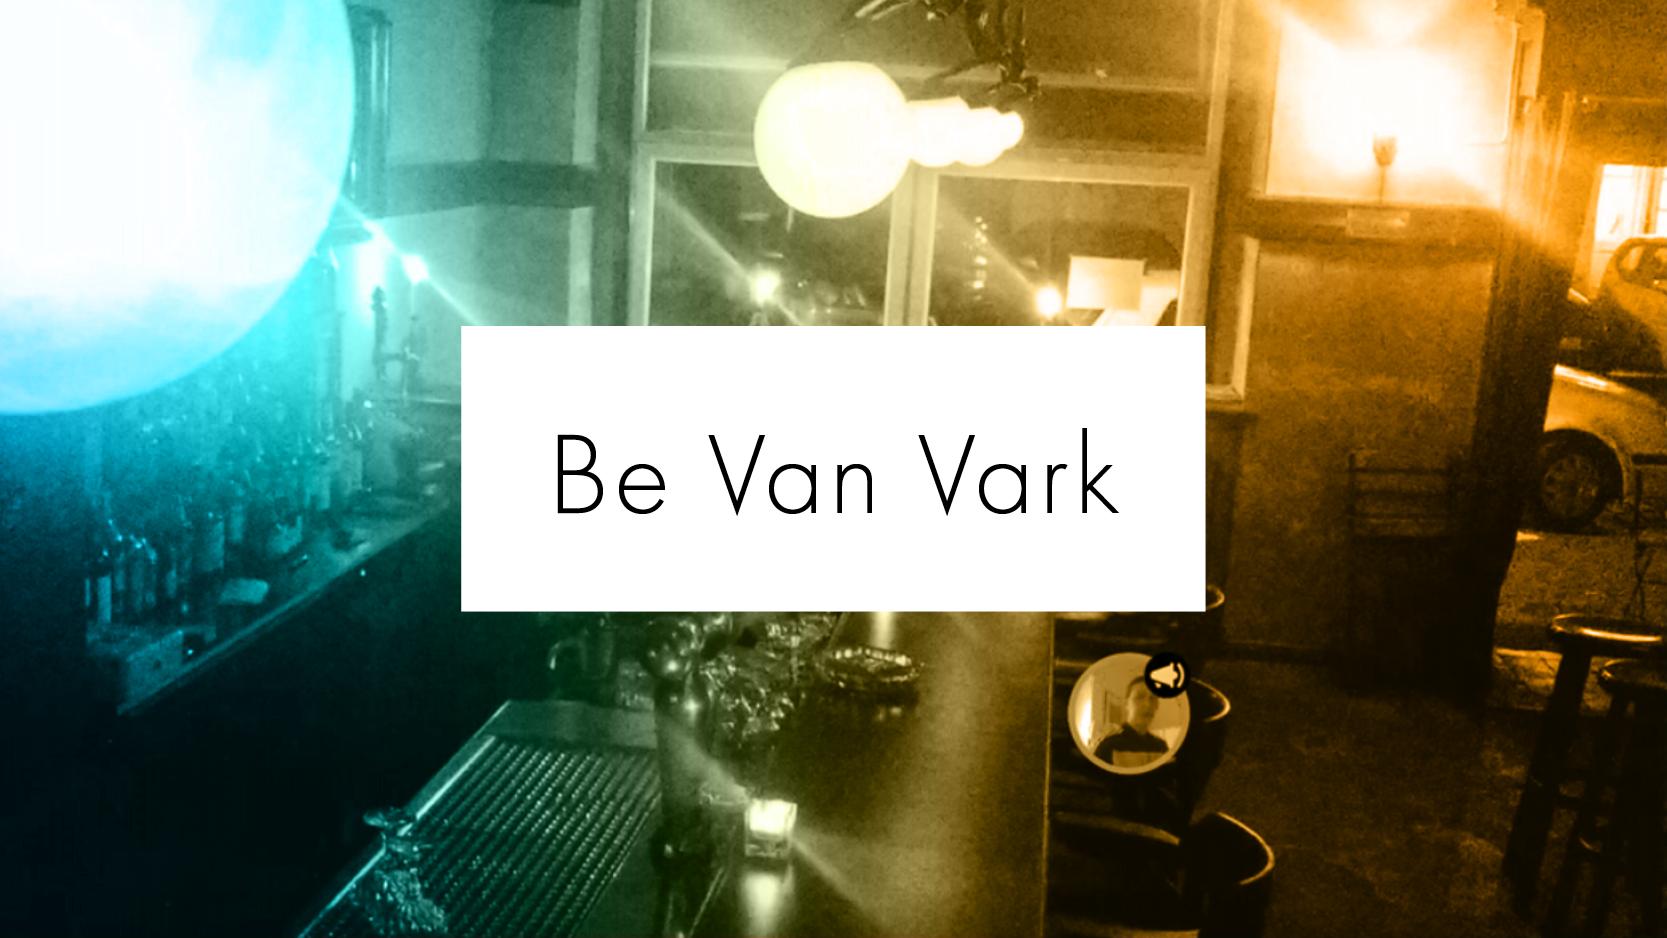 BE VAN VARK